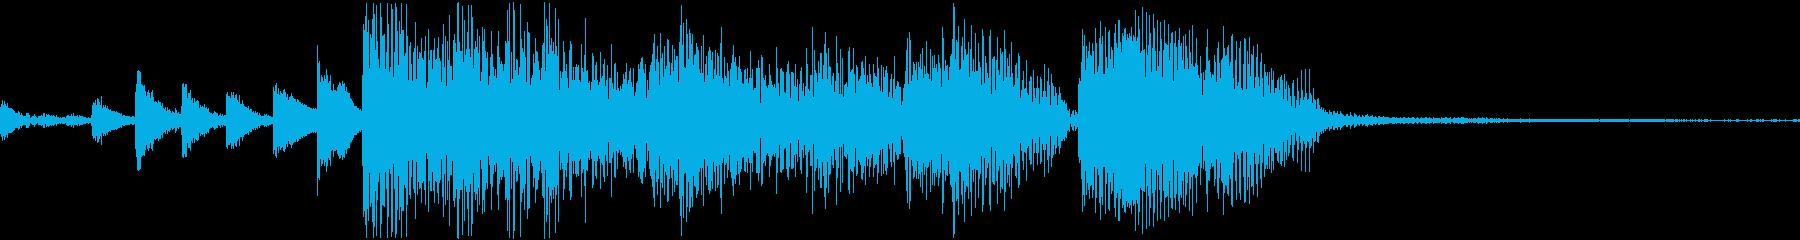 スマートな大人ジャズジングルの再生済みの波形